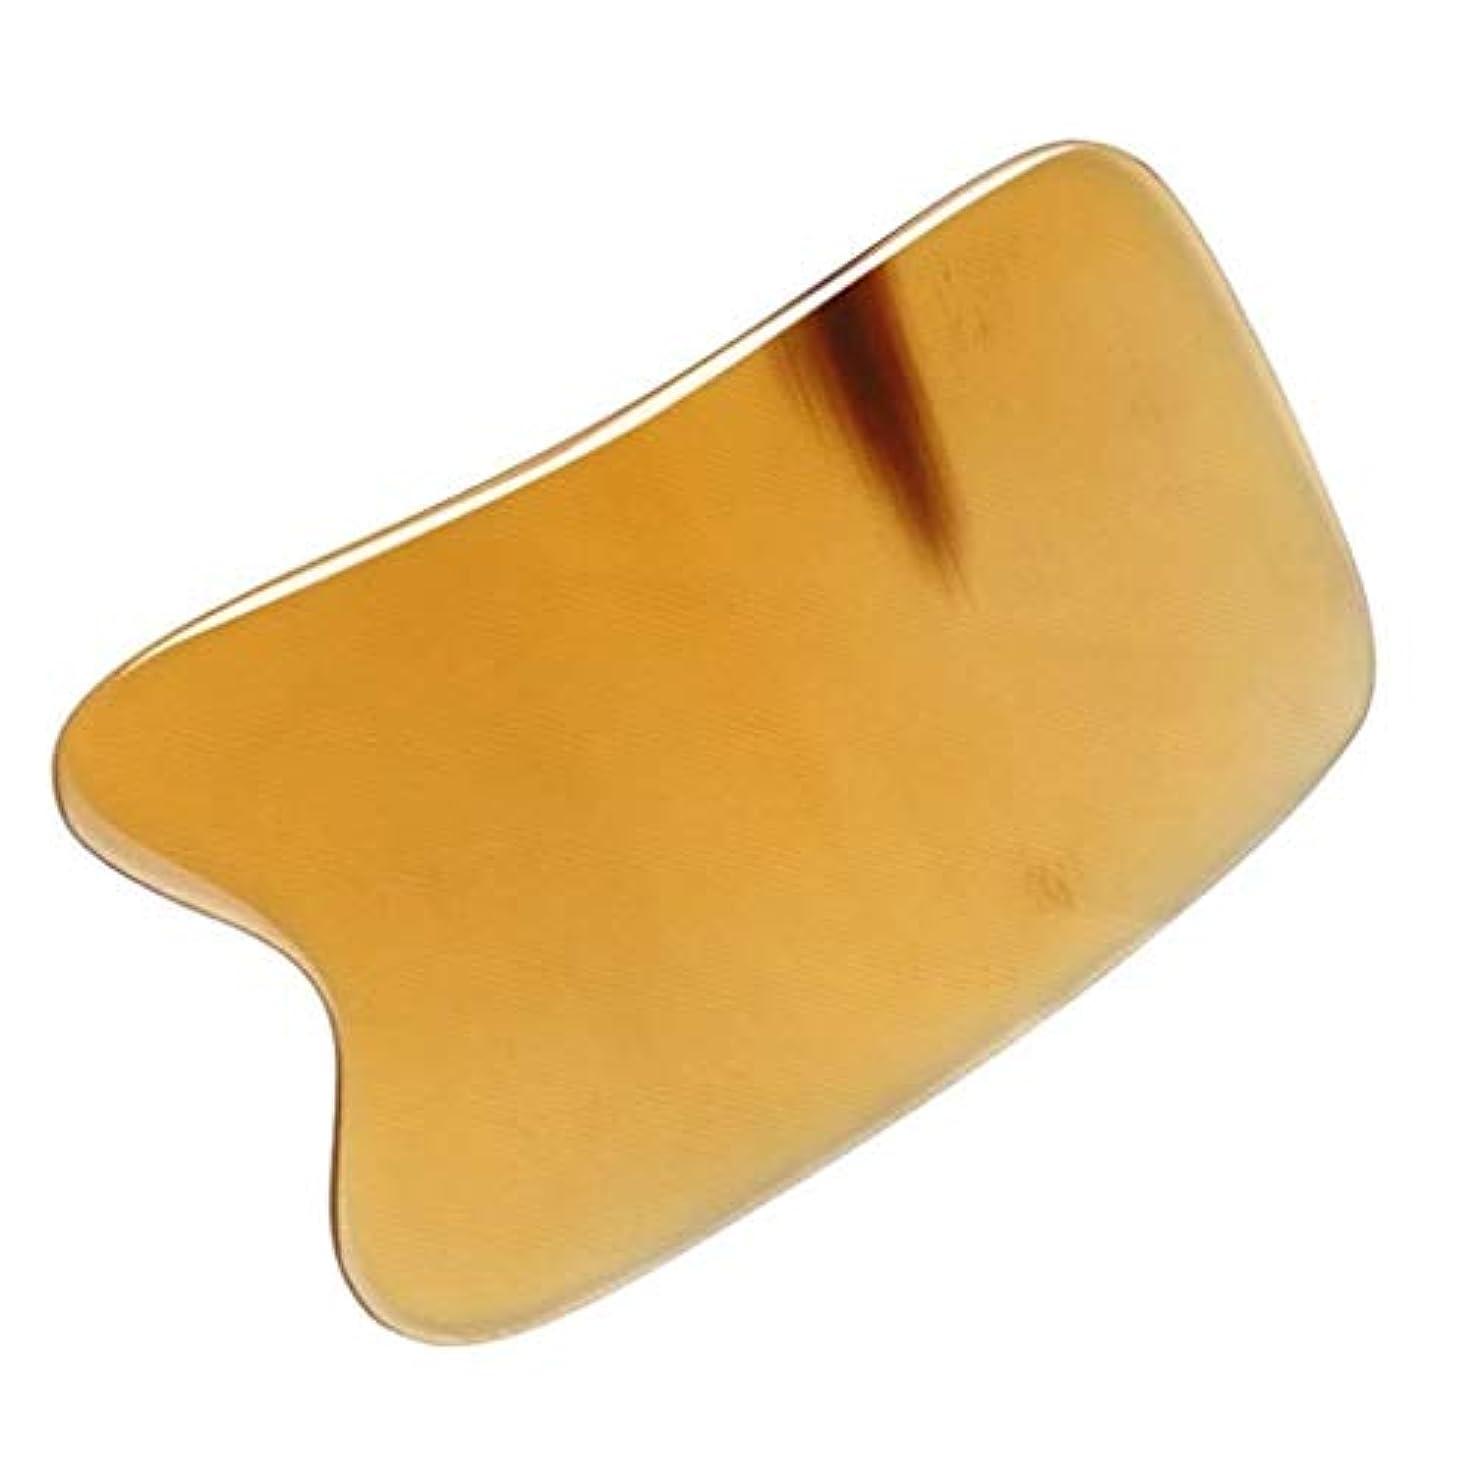 机意気消沈した構造的IASTMグラストン理学療法ツール-最高品質のハンドメイドバッファローホーングアシャボード-首と筋肉の痛みを軽減 (Size : 5mm)